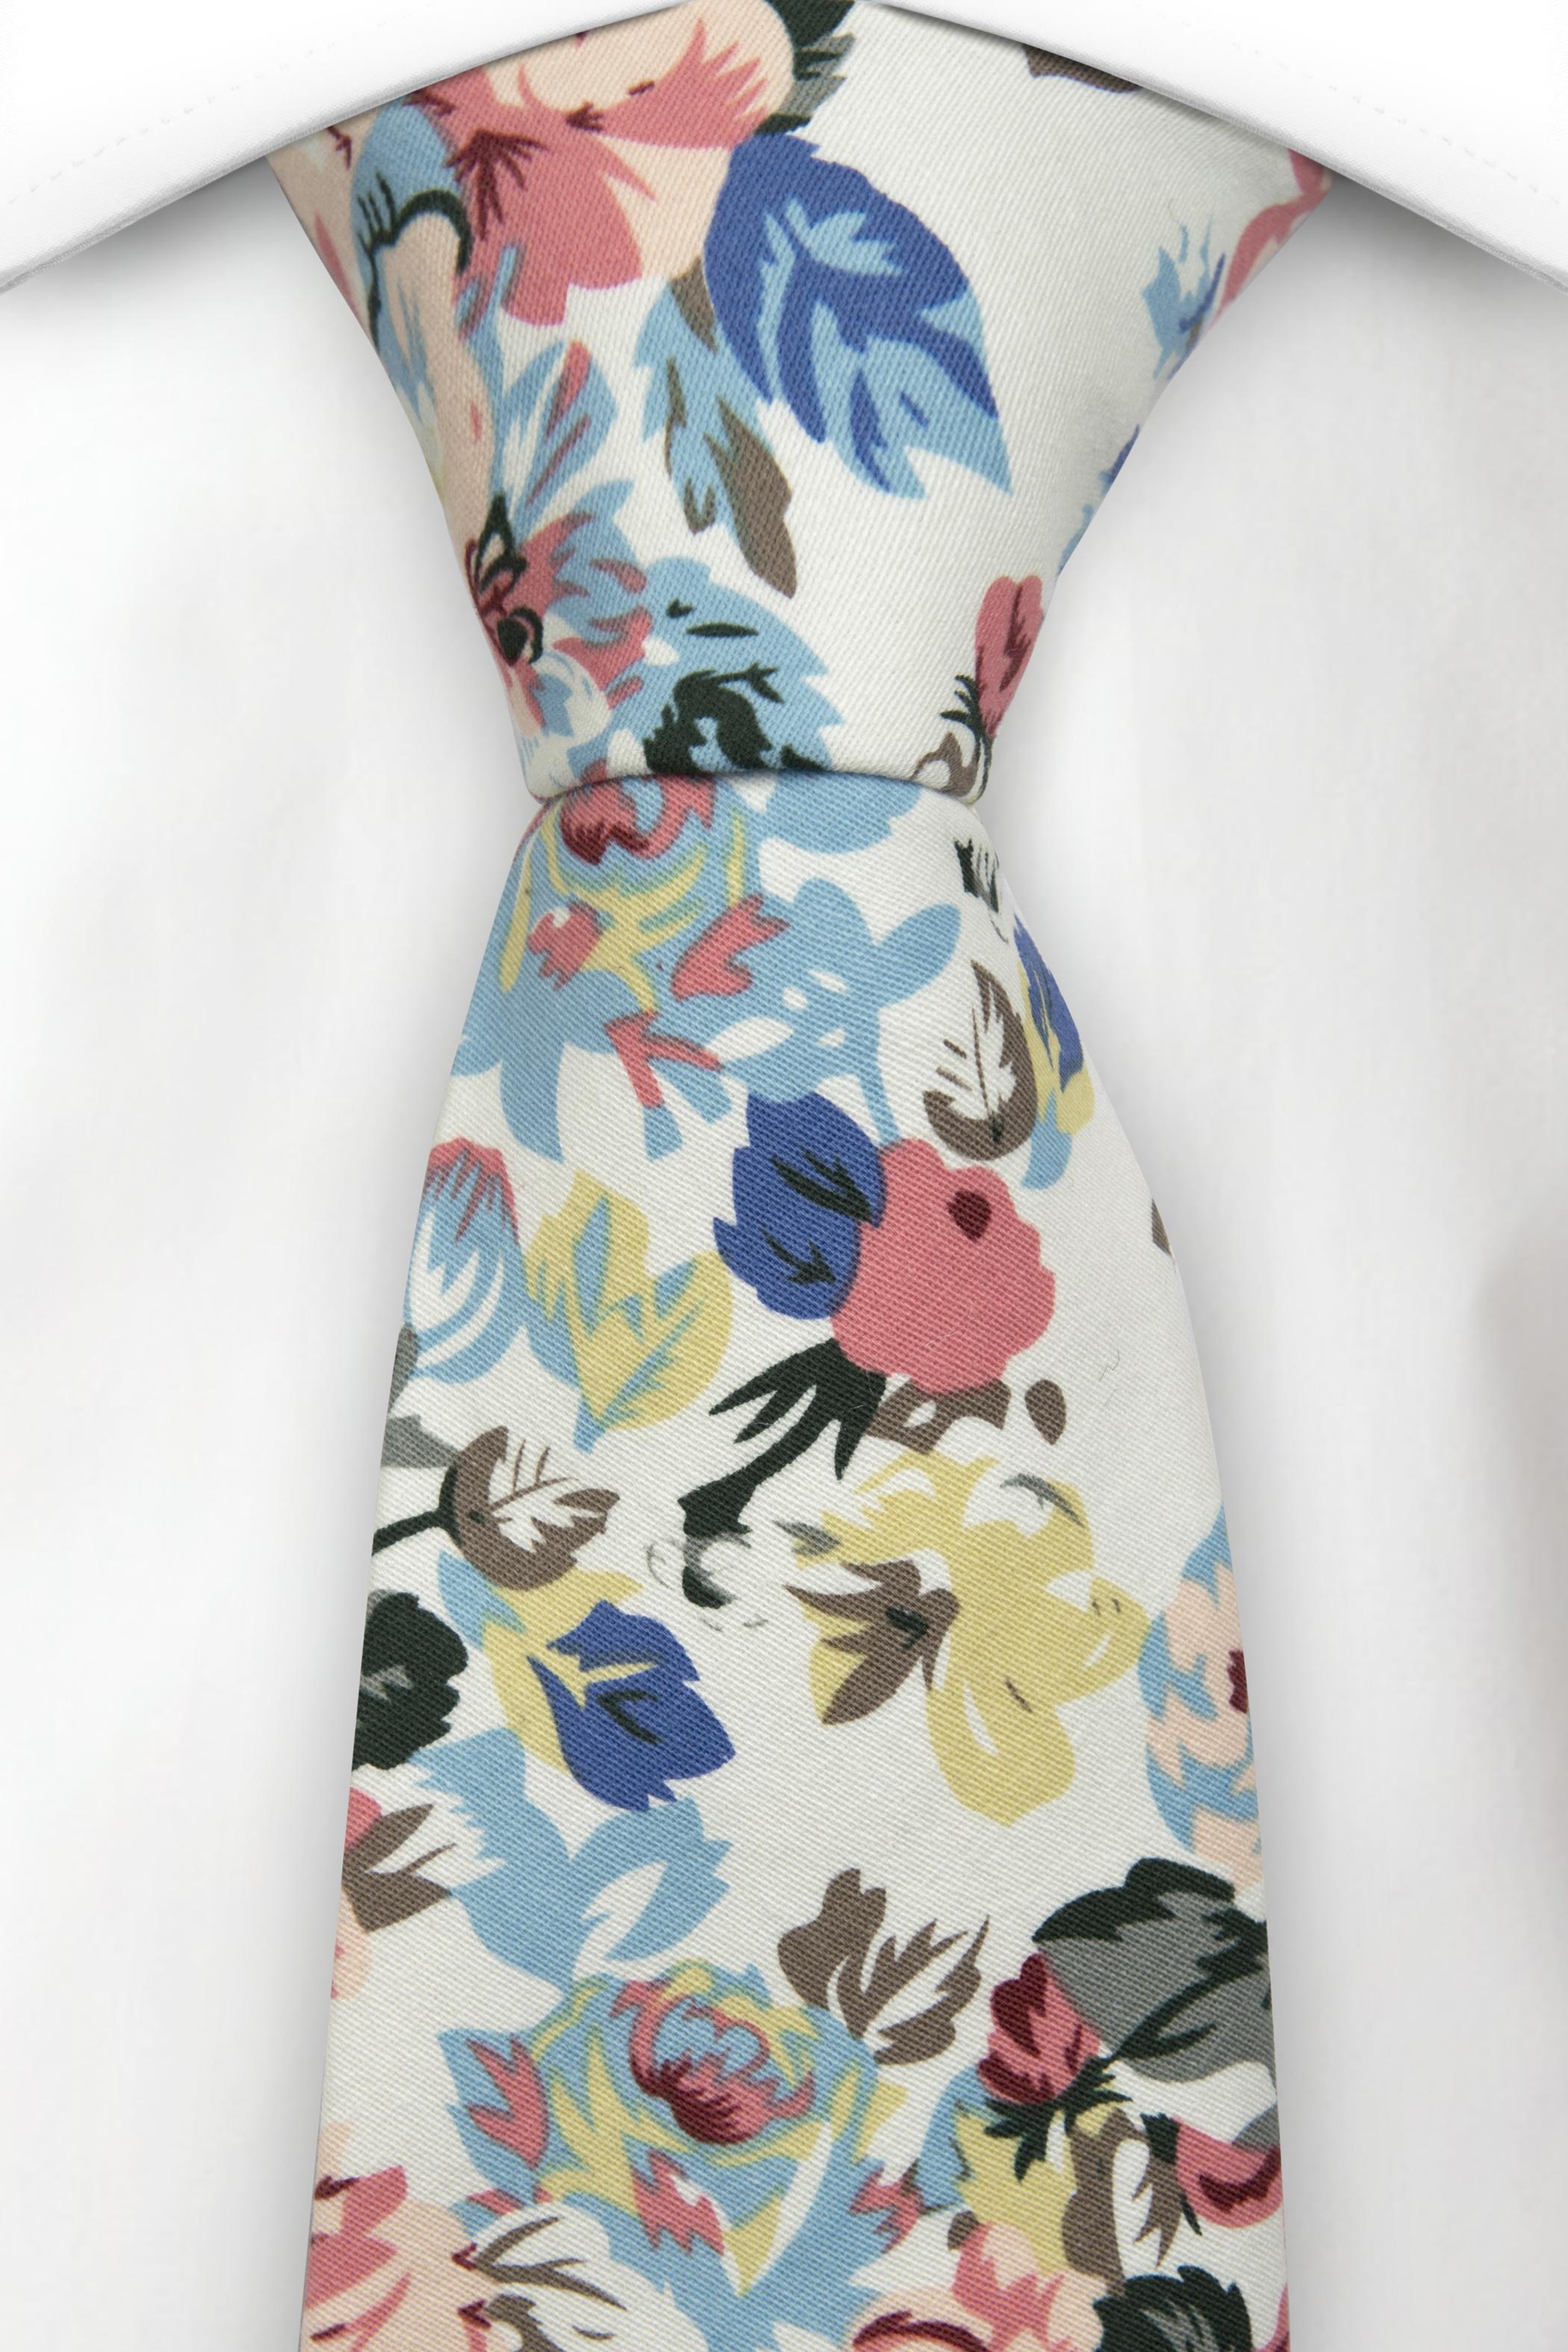 Bomull Slips, Rosa, blå & gule blomster & blader på hvit base, Notch GASPARD